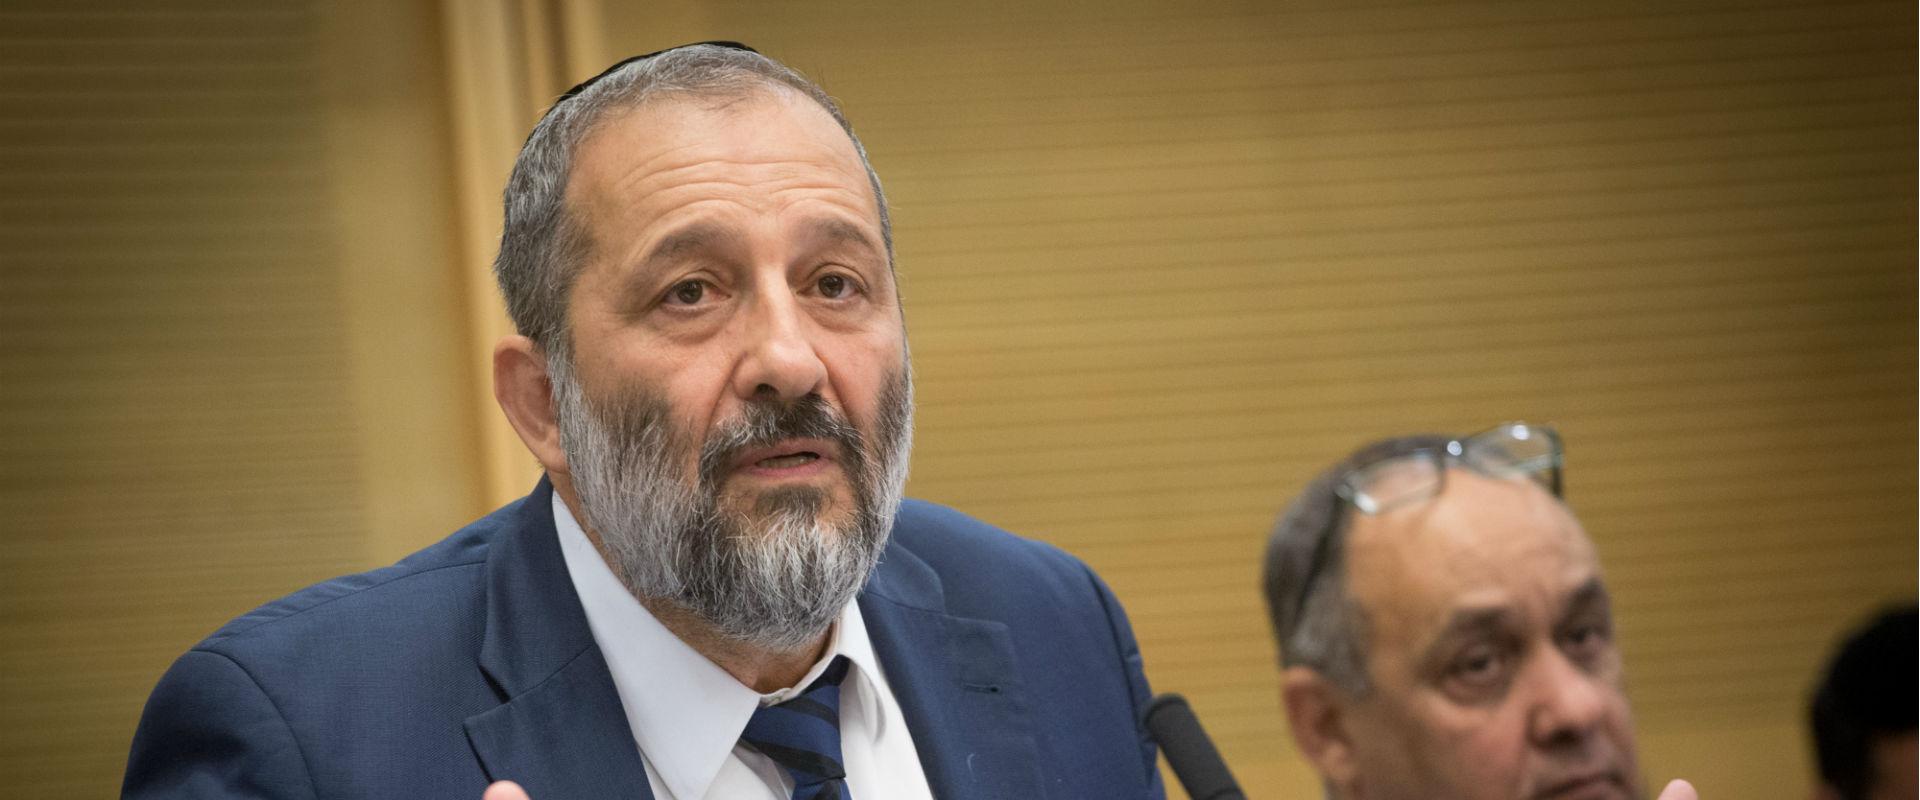 שר הפנים אריה דרעי בכנסת, יולי 2017